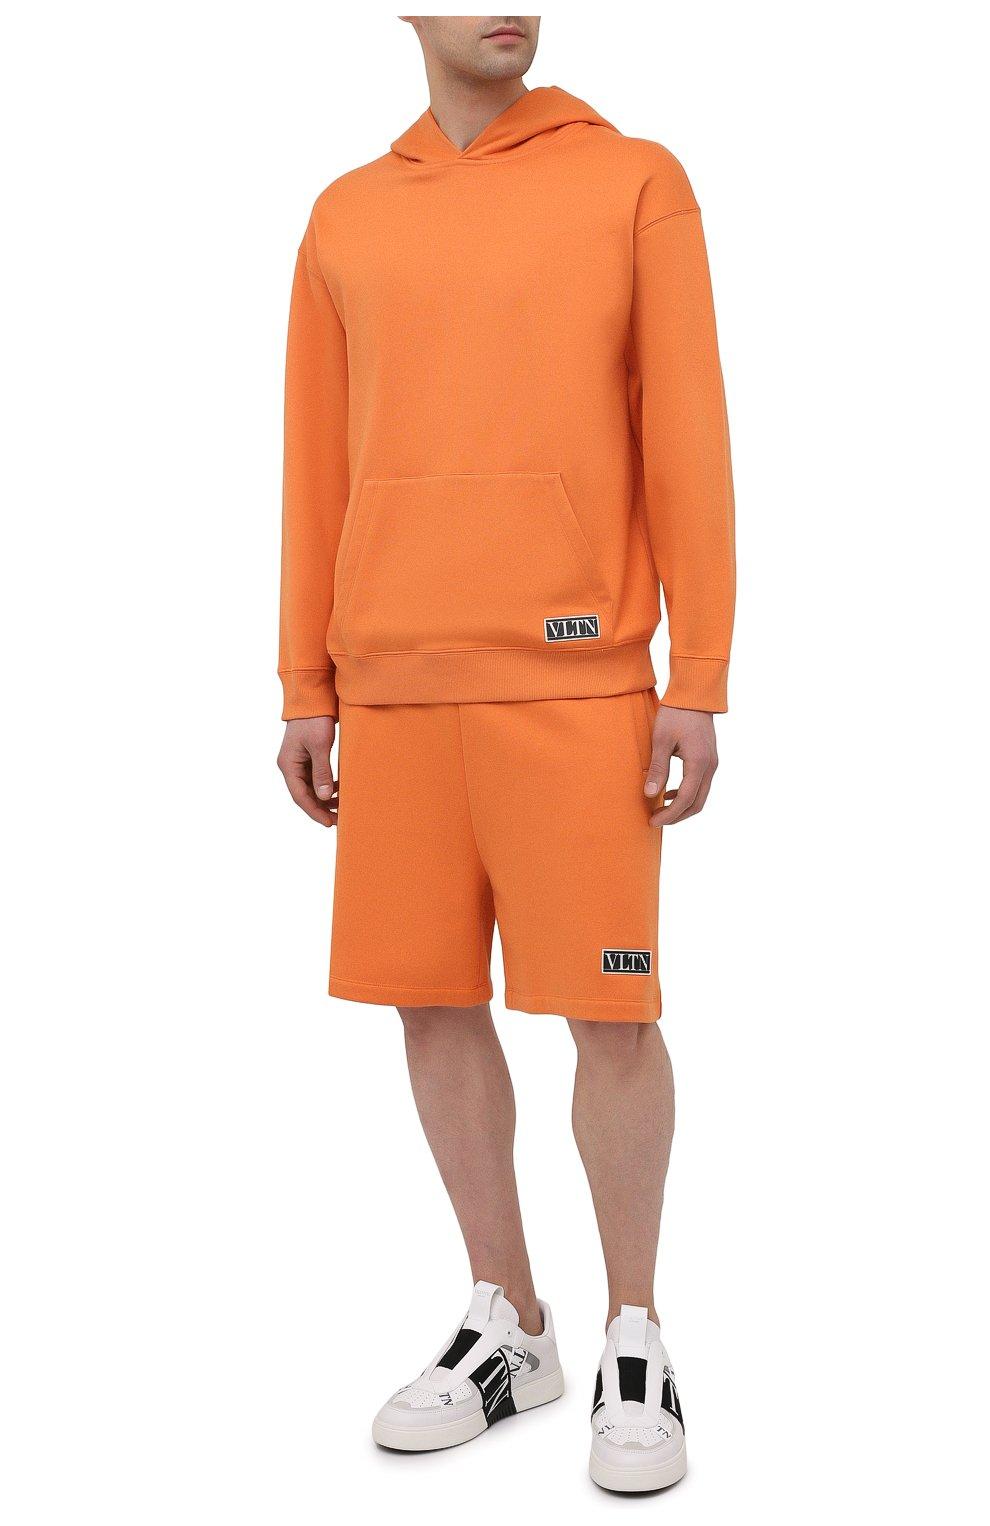 Мужской хлопковое худи VALENTINO оранжевого цвета, арт. VV0MF18F7EY | Фото 2 (Рукава: Длинные; Принт: Без принта; Длина (для топов): Стандартные; Мужское Кросс-КТ: Худи-одежда; Материал внешний: Хлопок; Стили: Кэжуэл)